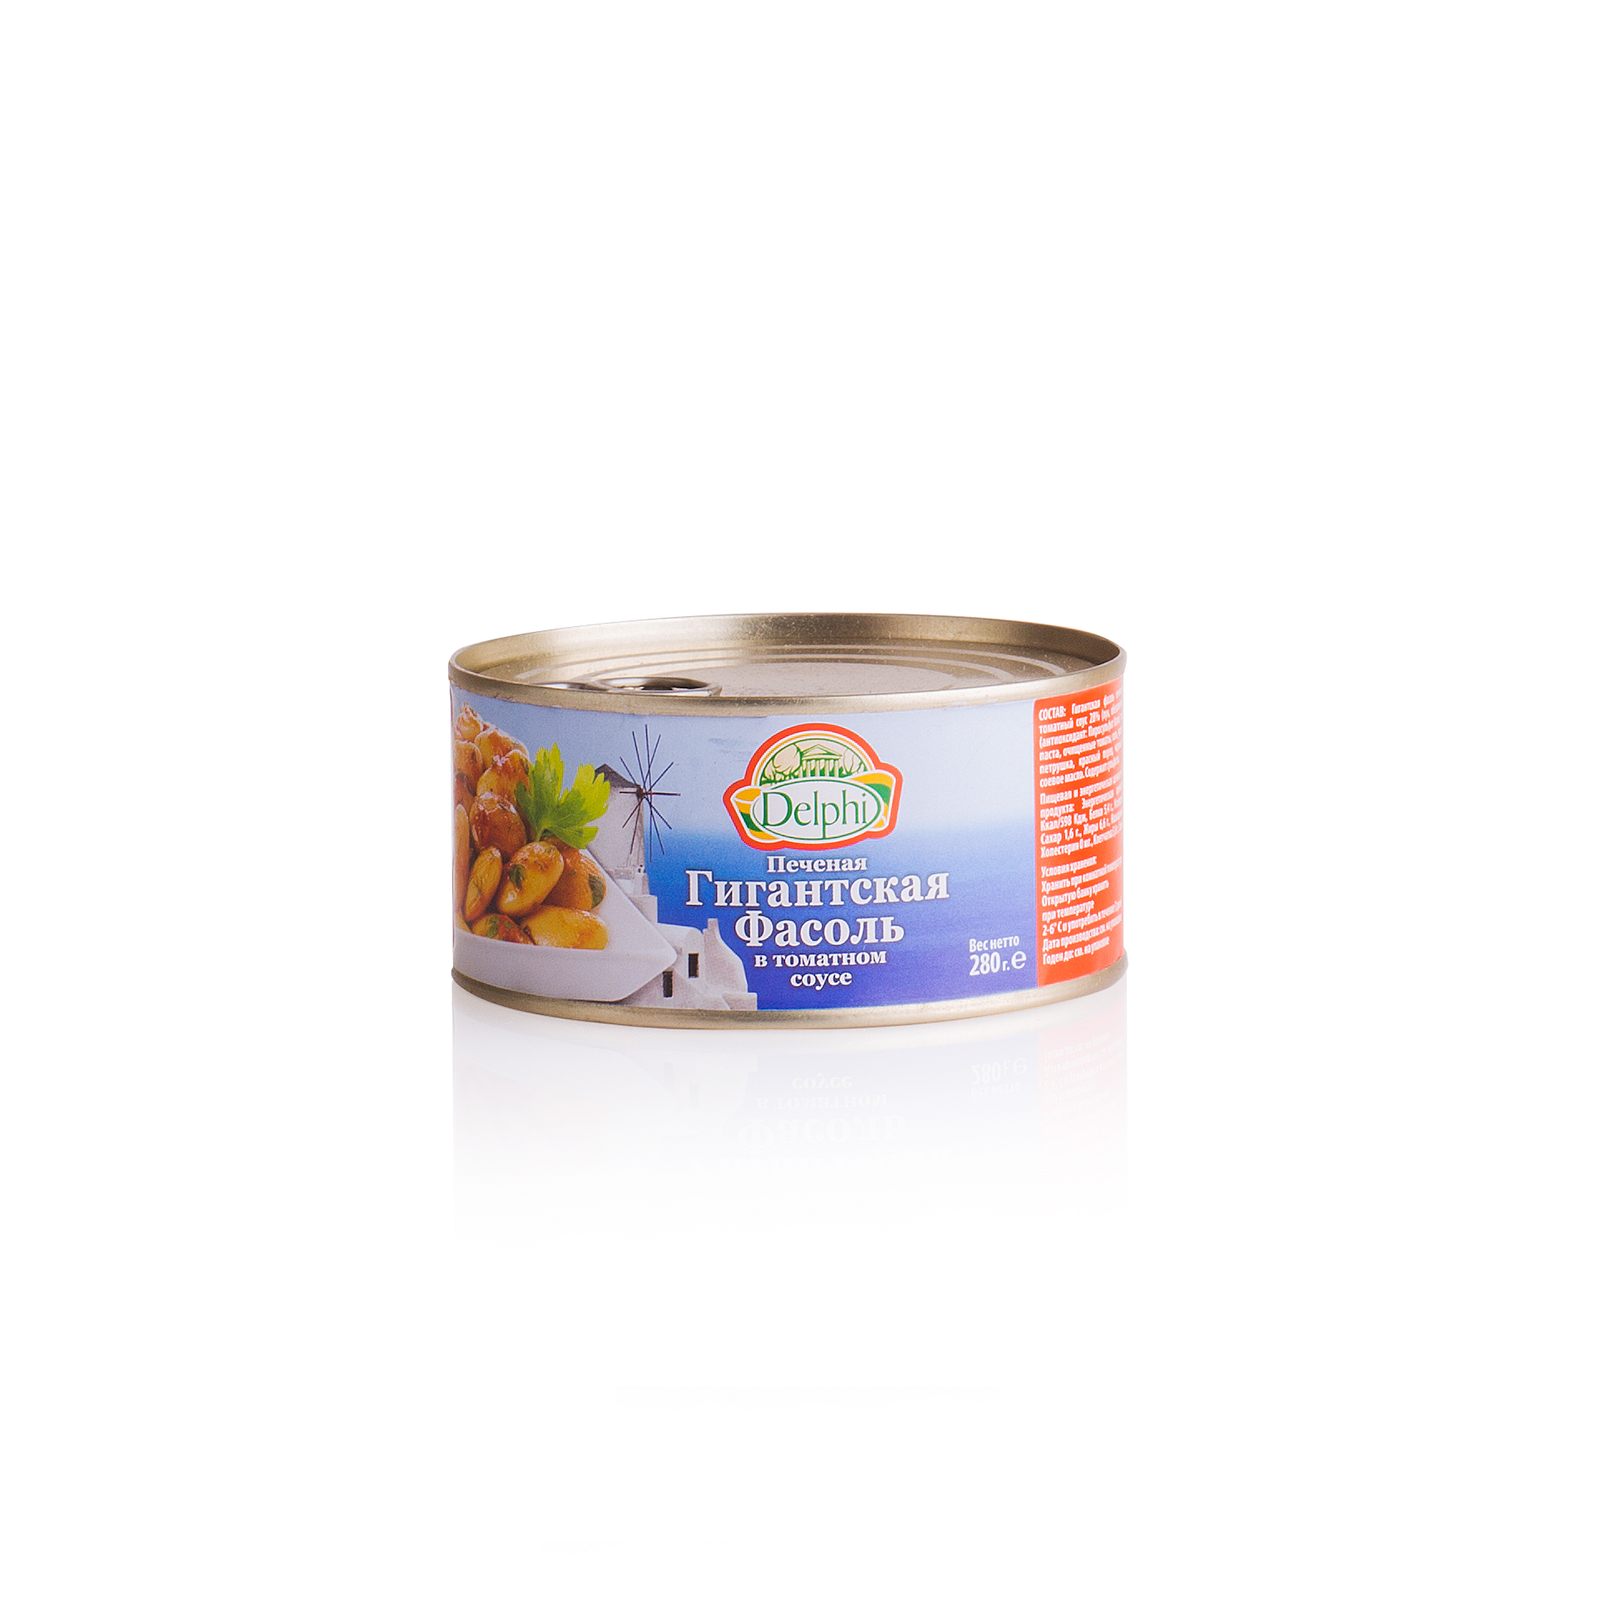 Фасоль печеная, в томатном соусе, DELPHI 280г